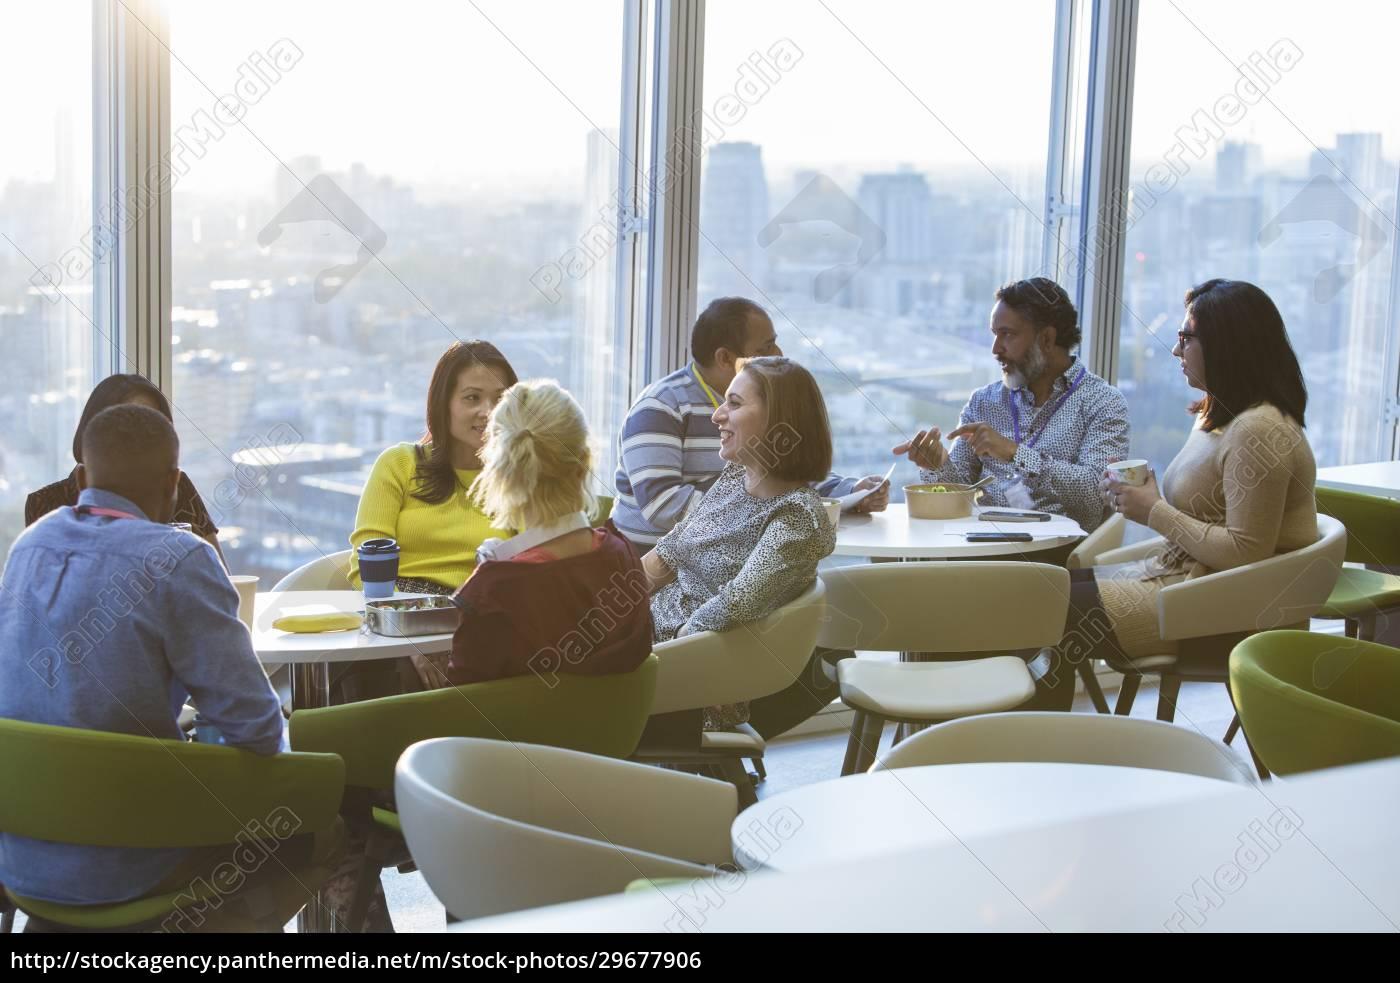 geschäftsleute, essen, mittagessen, und, geselligkeit, in - 29677906